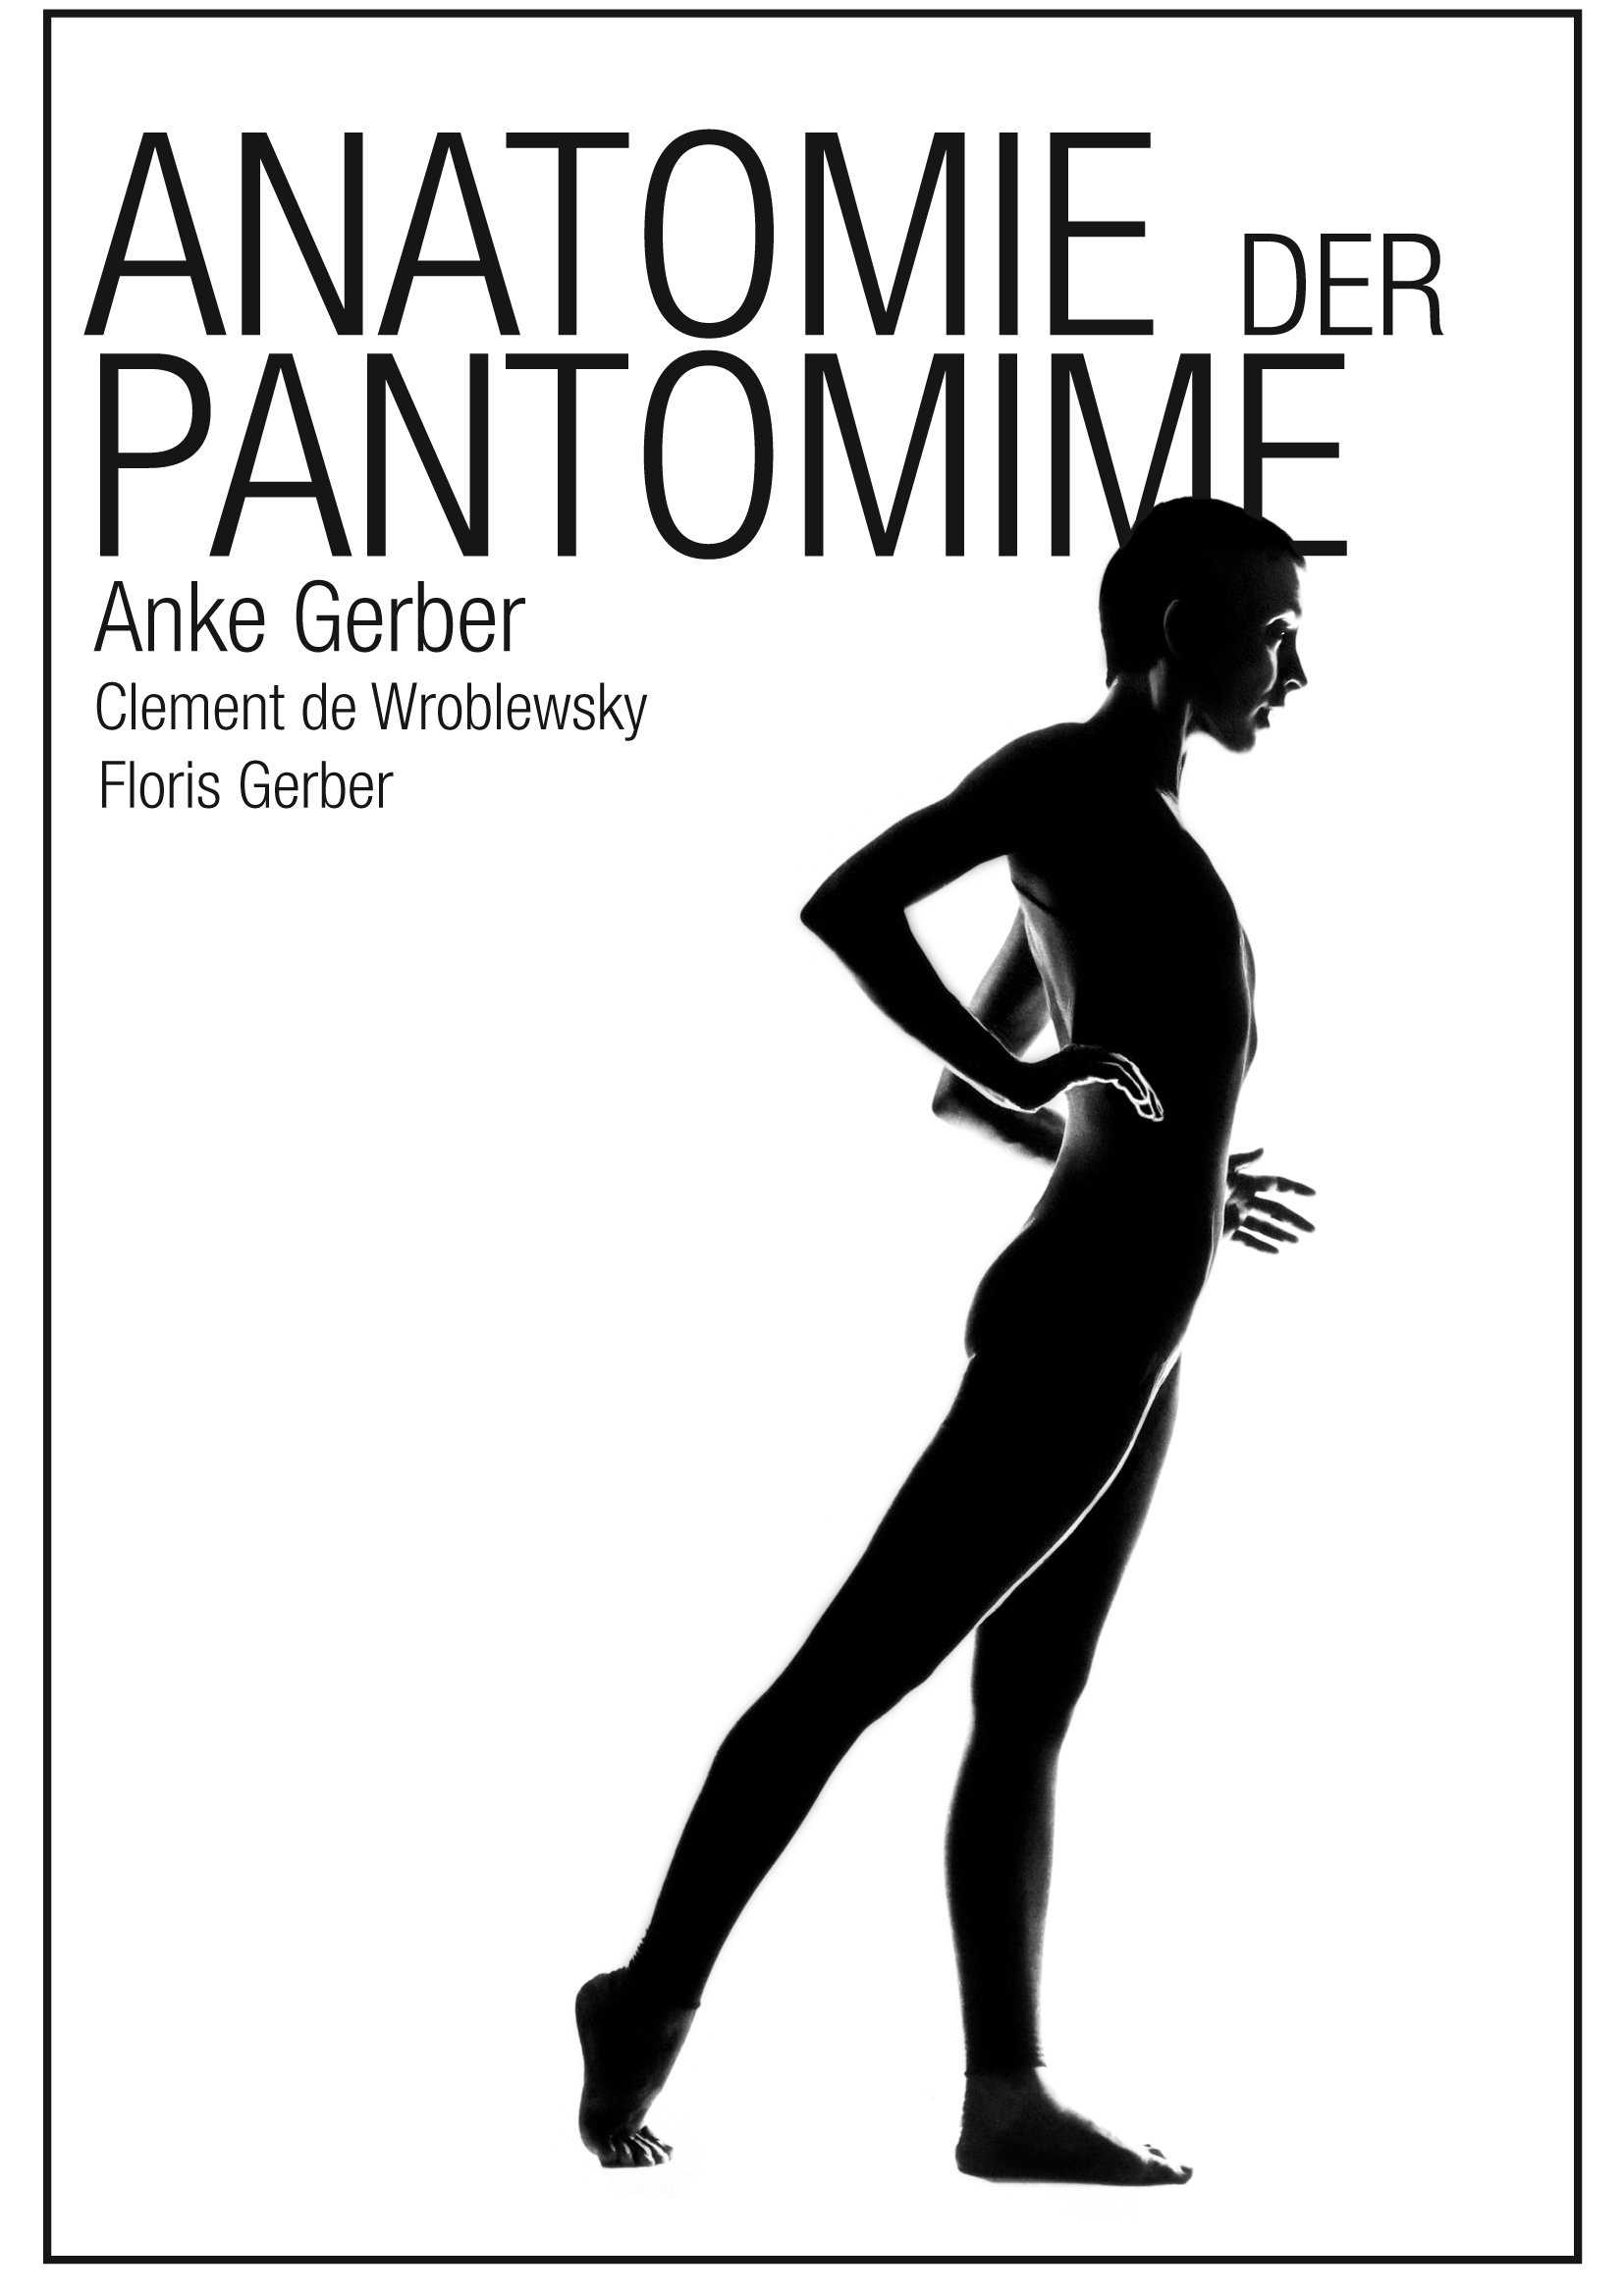 Ungewöhnlich Anatomie Eines Mordes Autor Bilder - Anatomie Von ...